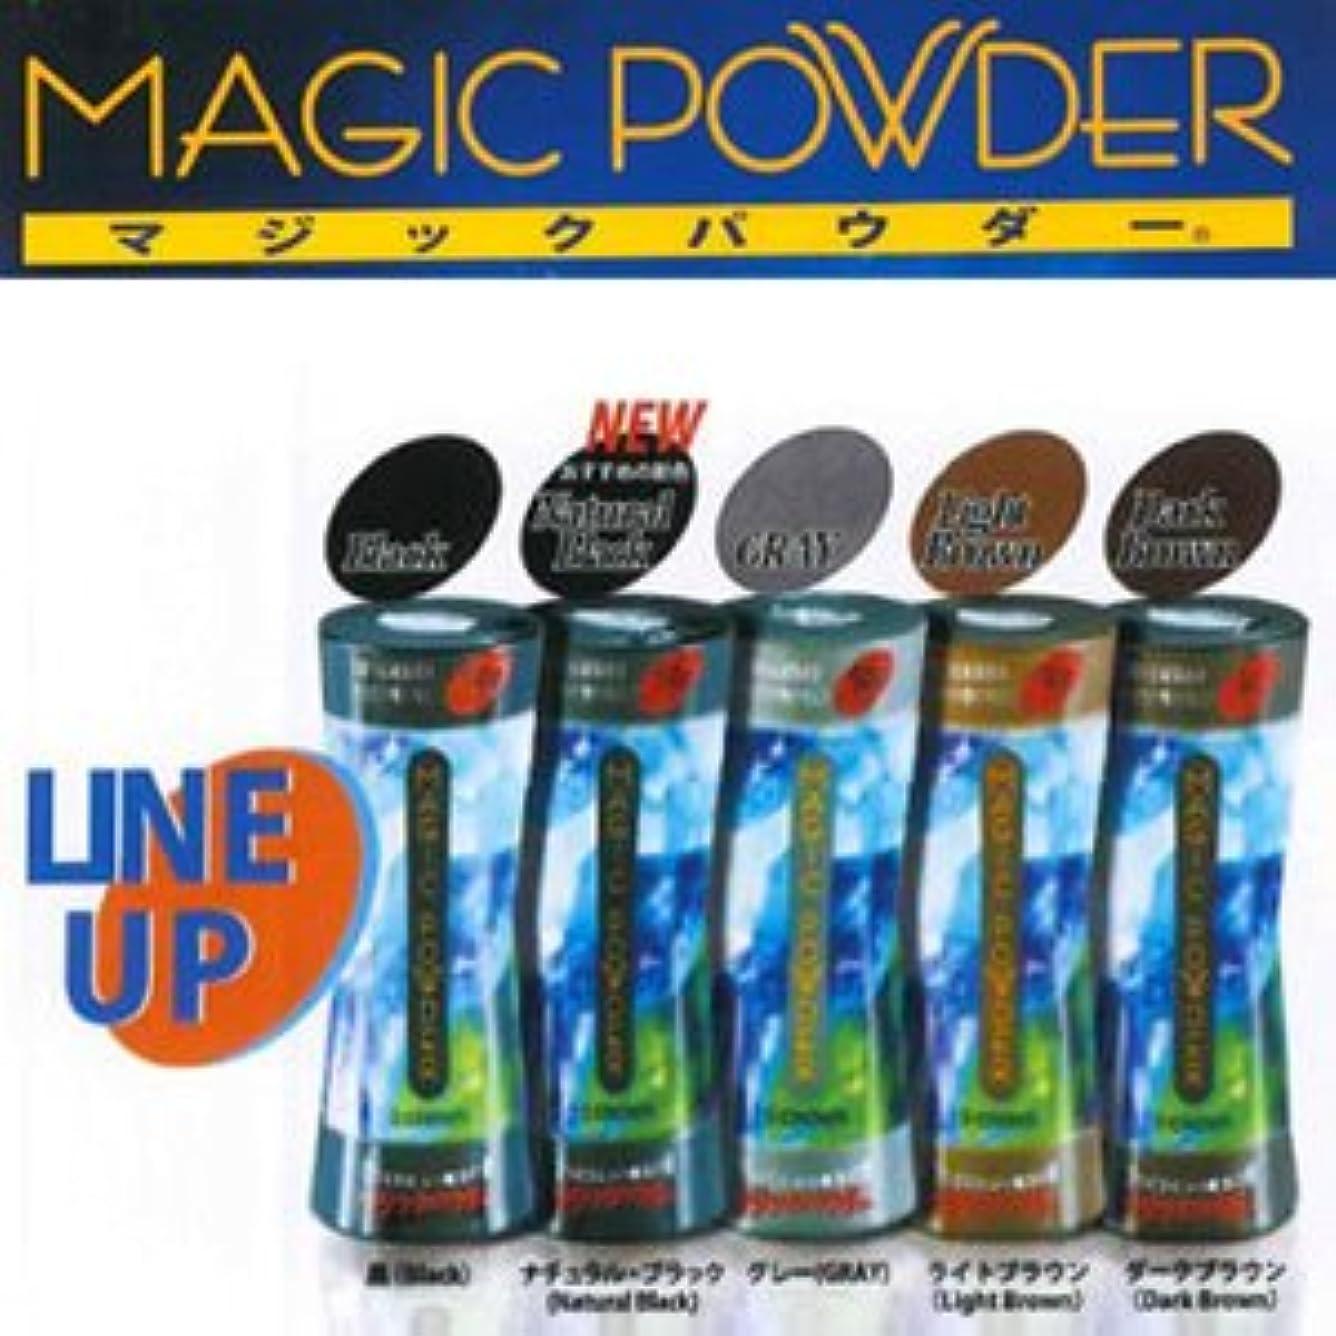 仕えるスプレーコモランマMAGIC POWDER マジックパウダー グレー 50g  ※貴方の髪を簡単ボリュームアップ!